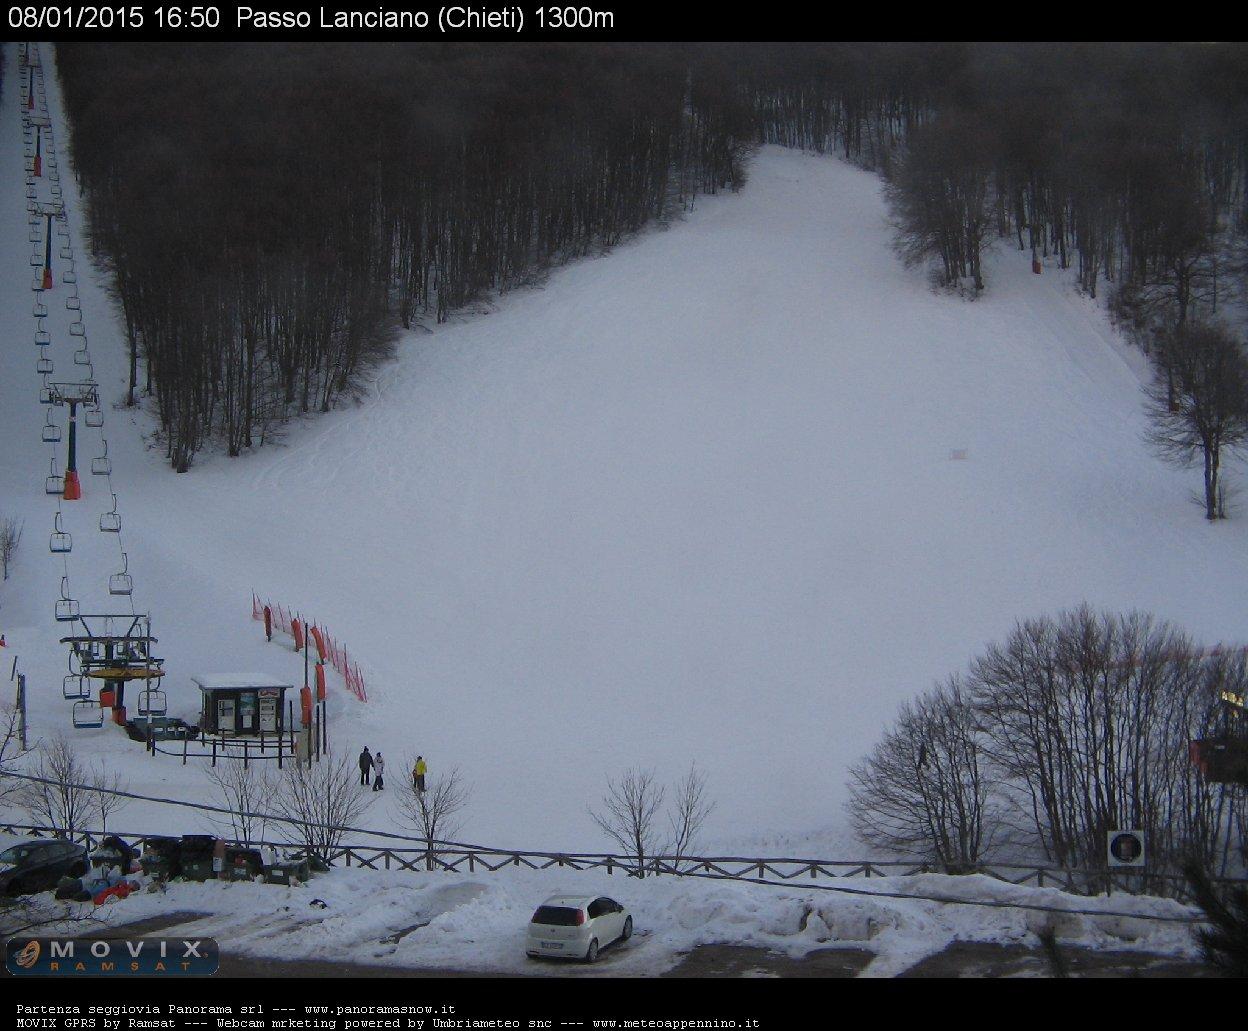 Nowcasting nivoglaciale Appennini dall' inverno 2014 all'inverno 2015-passo-lanciano-8-1-2015.jpg